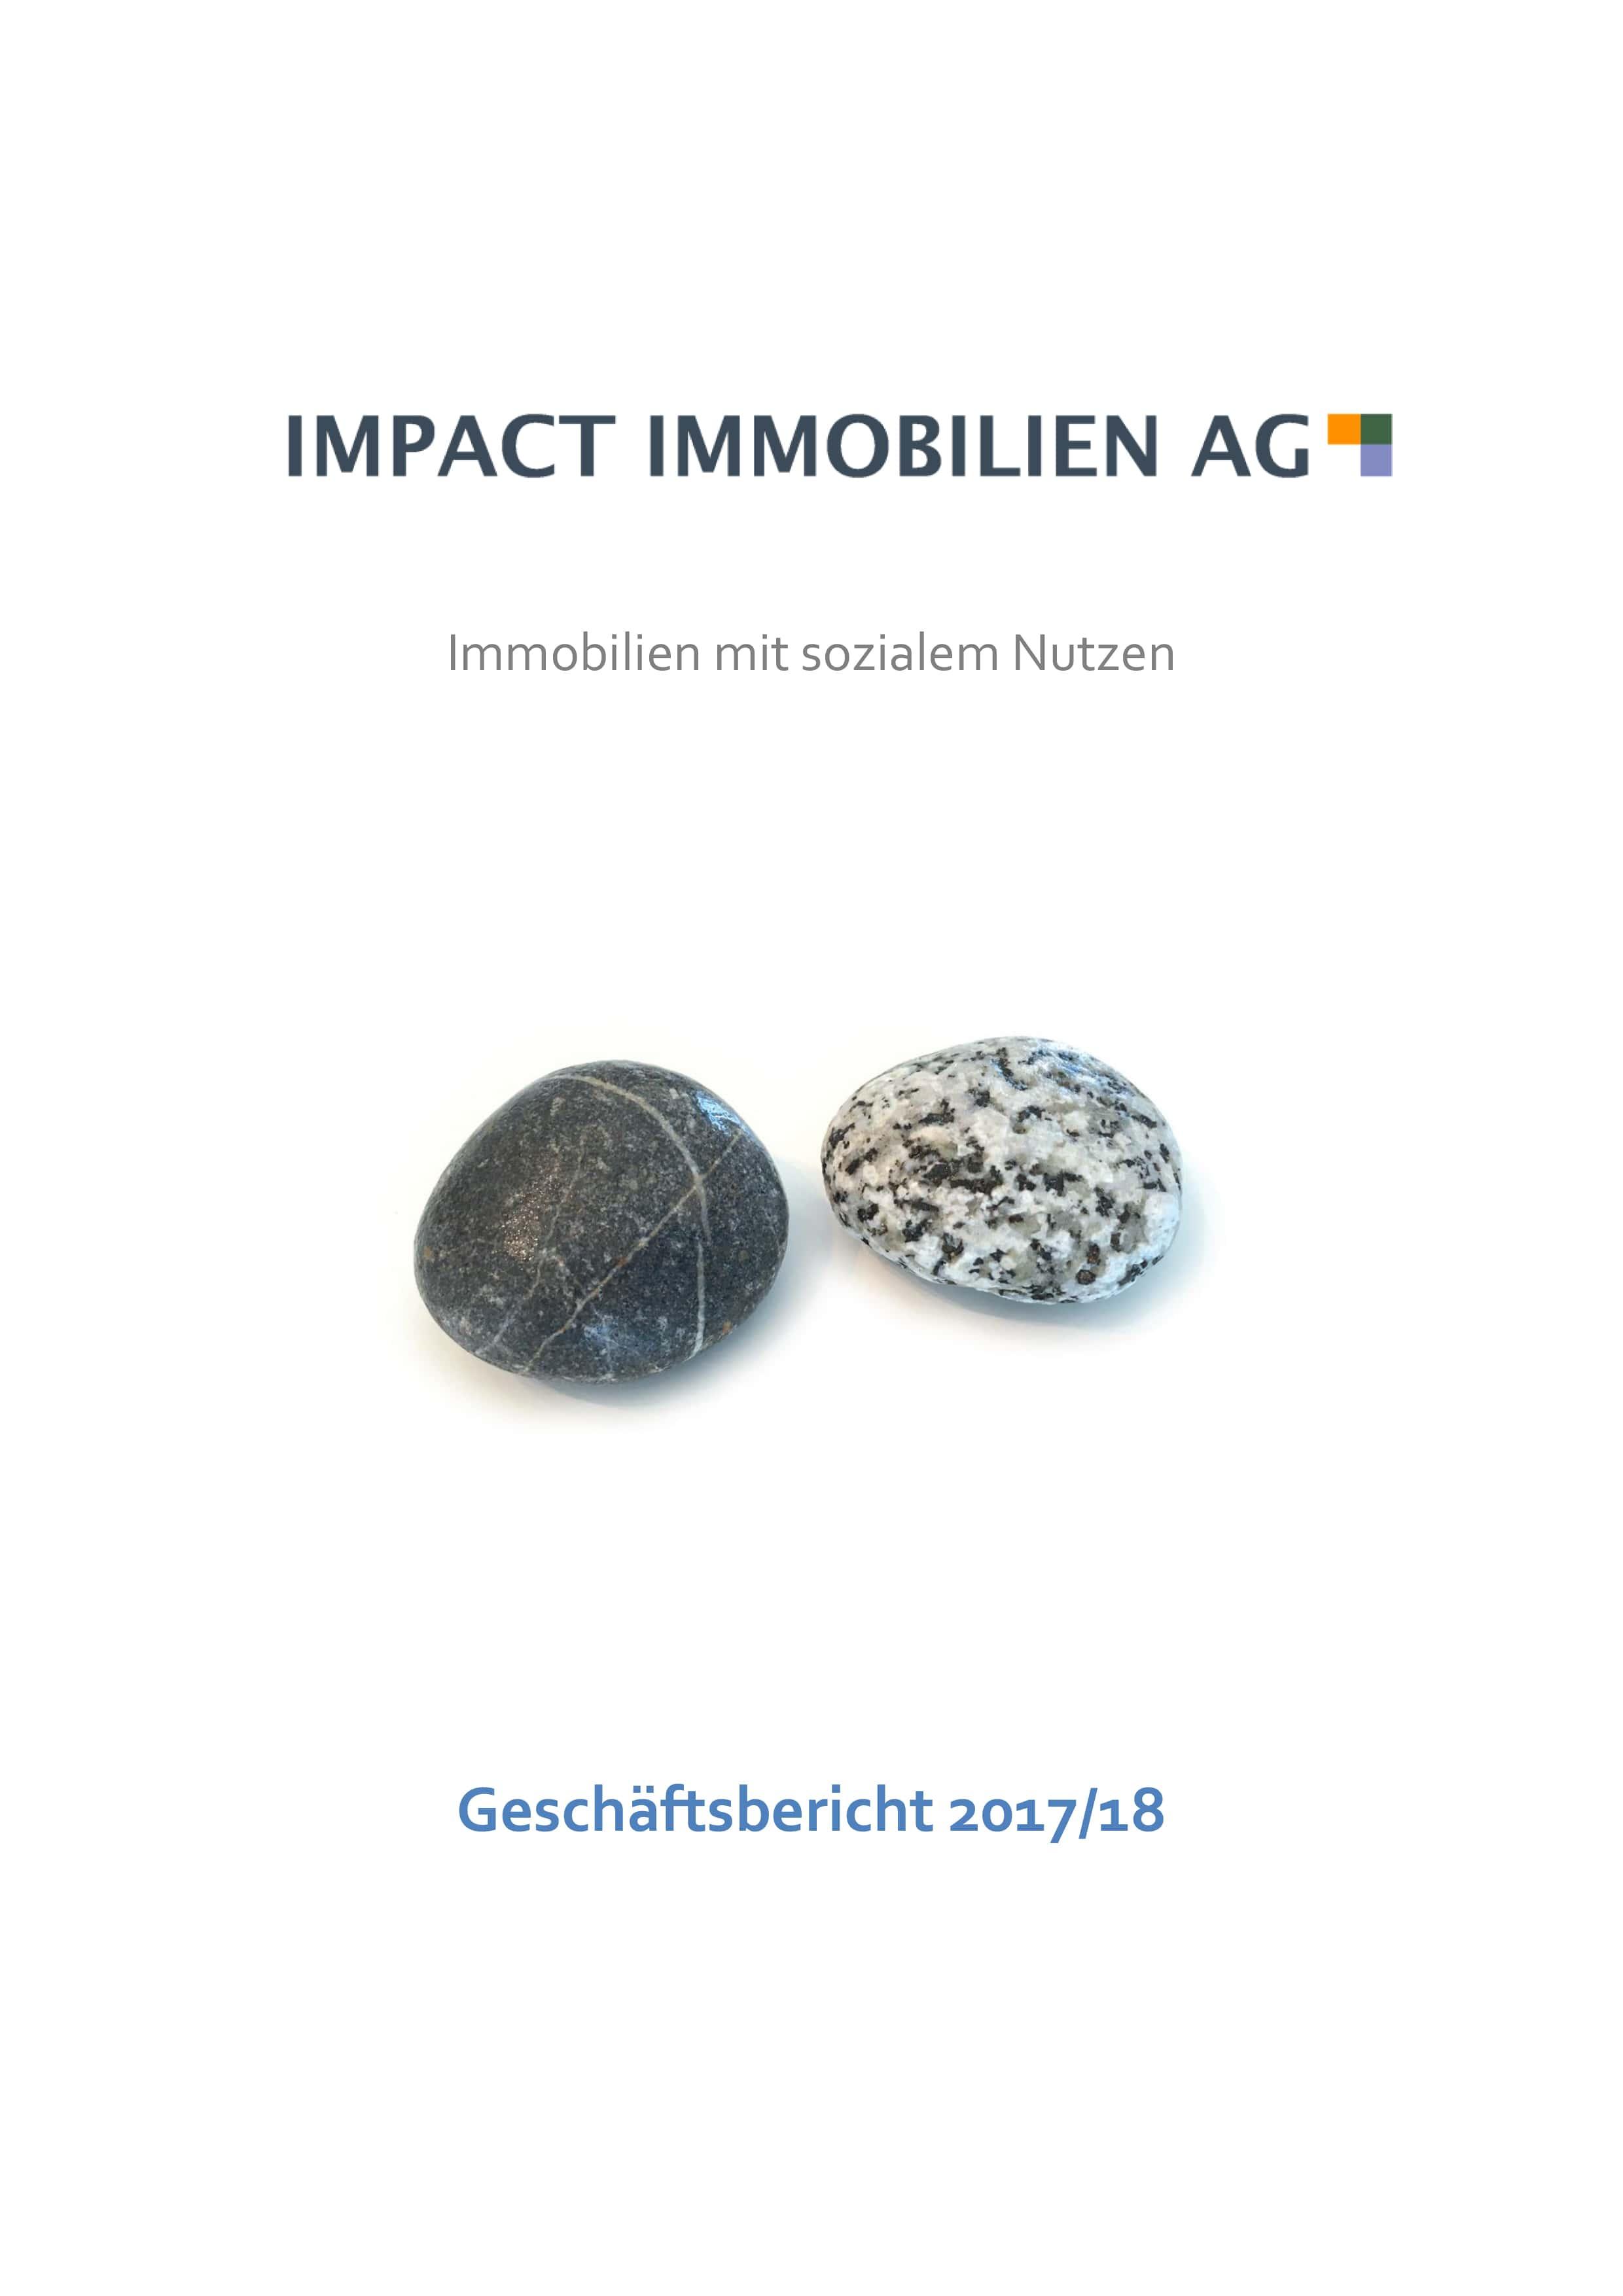 Geschaeftsbericht_IIAG_2017-18-min